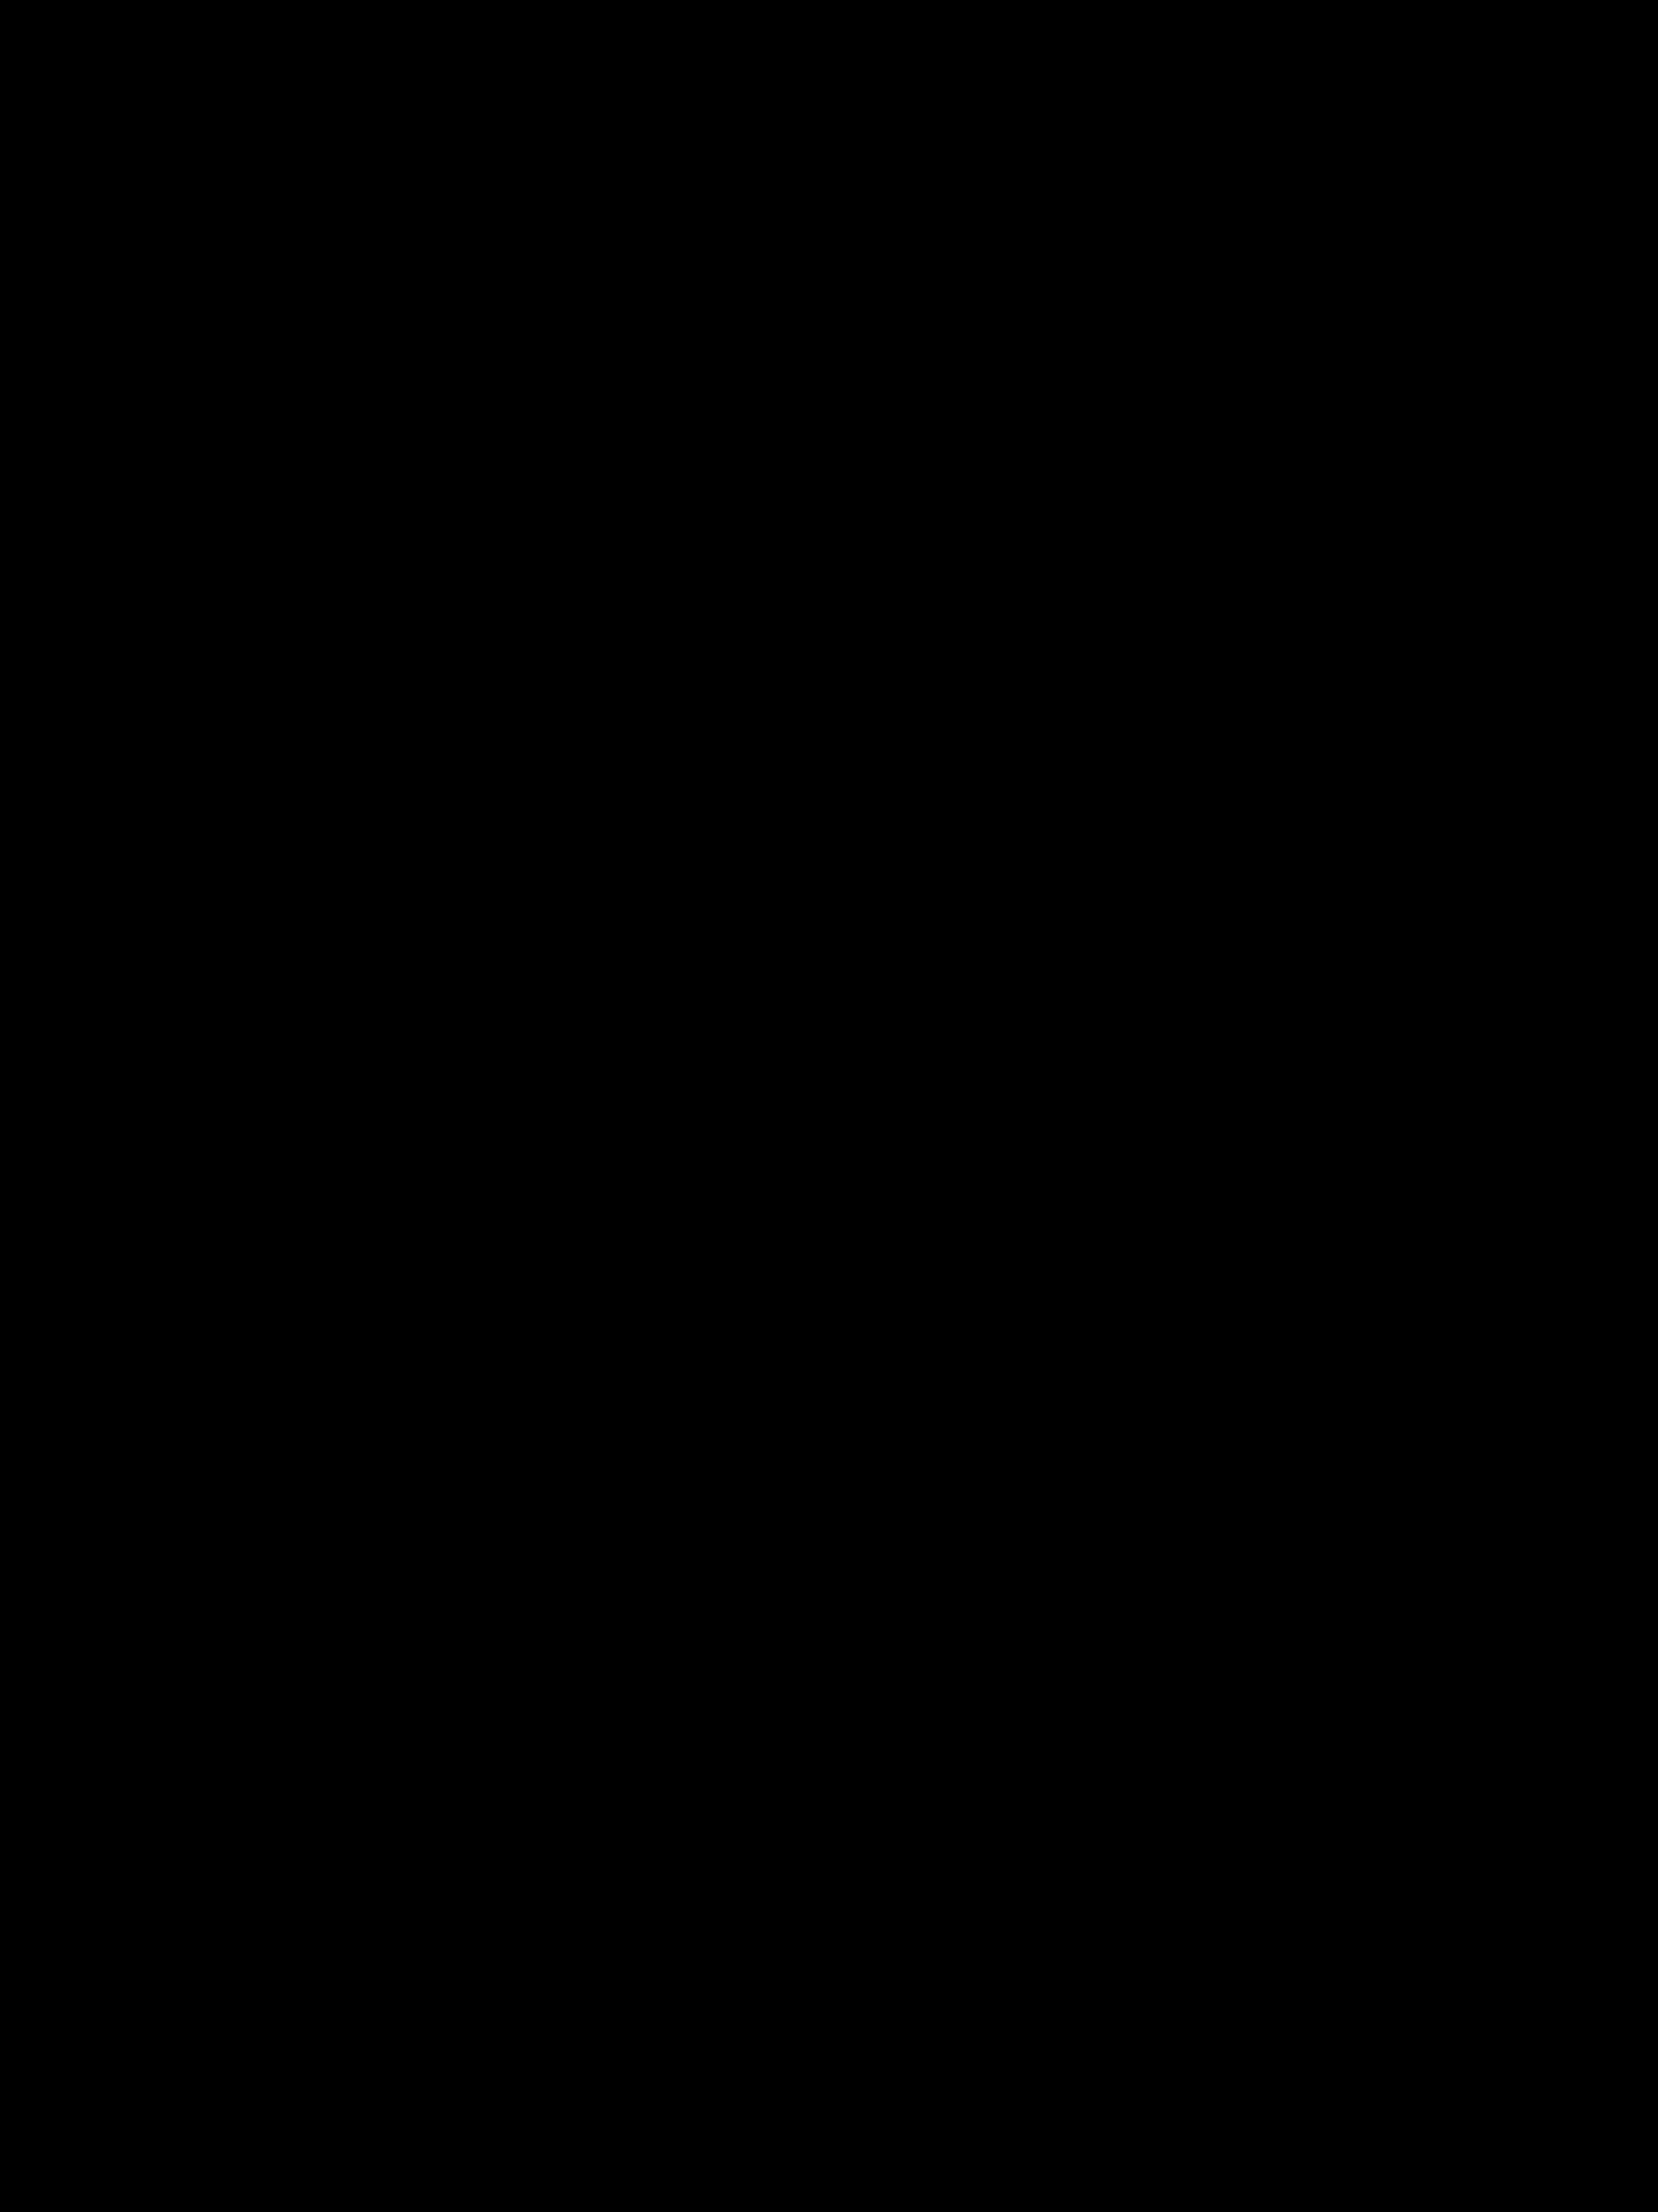 Ipad Vertical_2048x2732_Dots_Black.png